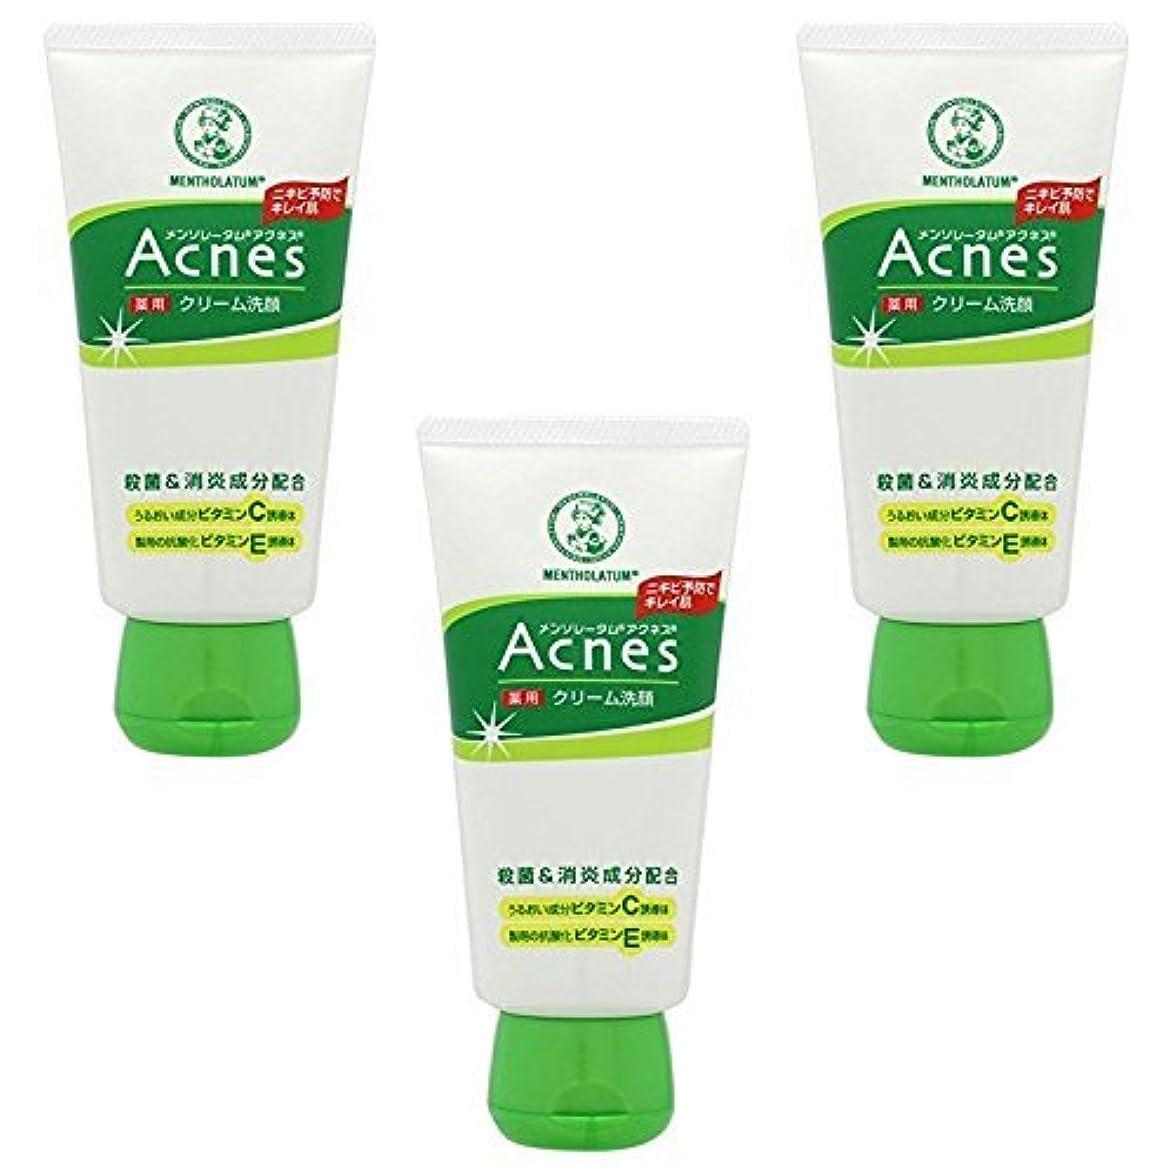 約設定約設定寄り添う【まとめ買い】Acnes(アクネス) 薬用クリーム洗顔 130g (医薬部外品) ×3個